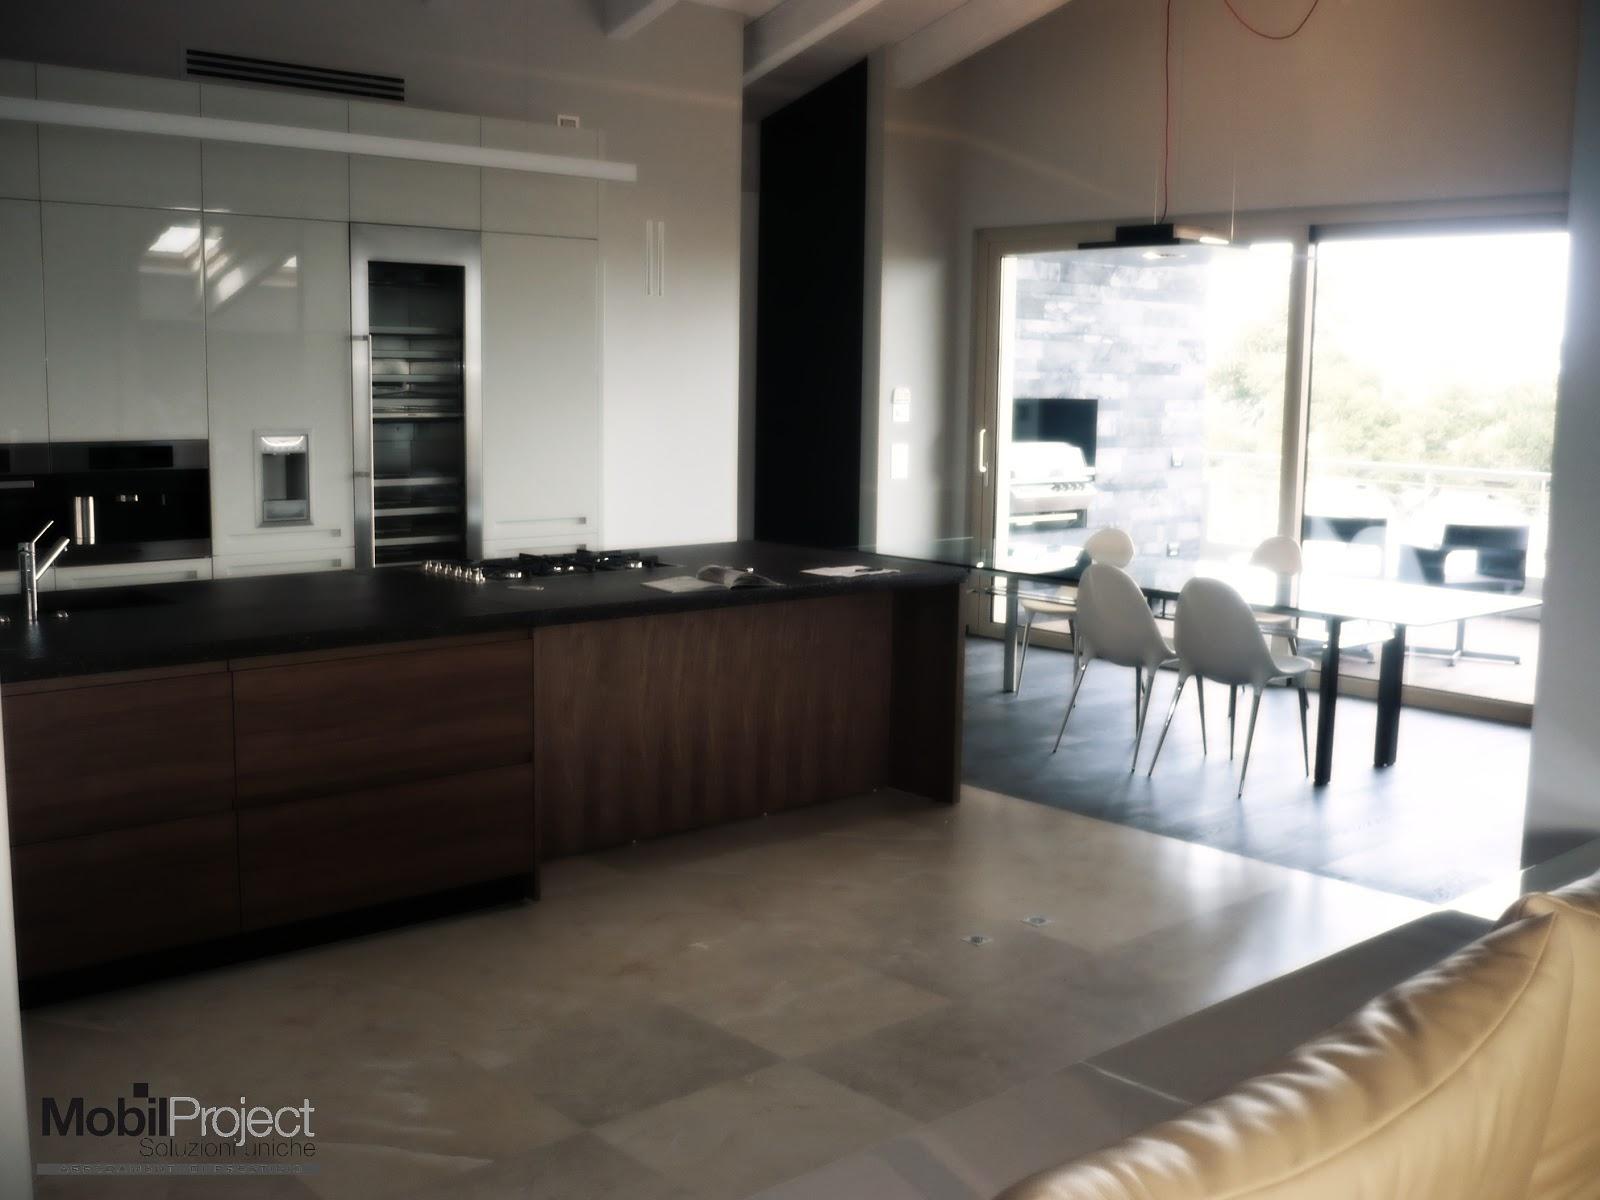 Soluzioni uniche design artigianale italiano la cucina - Soluzioni no piastrelle cucina ...